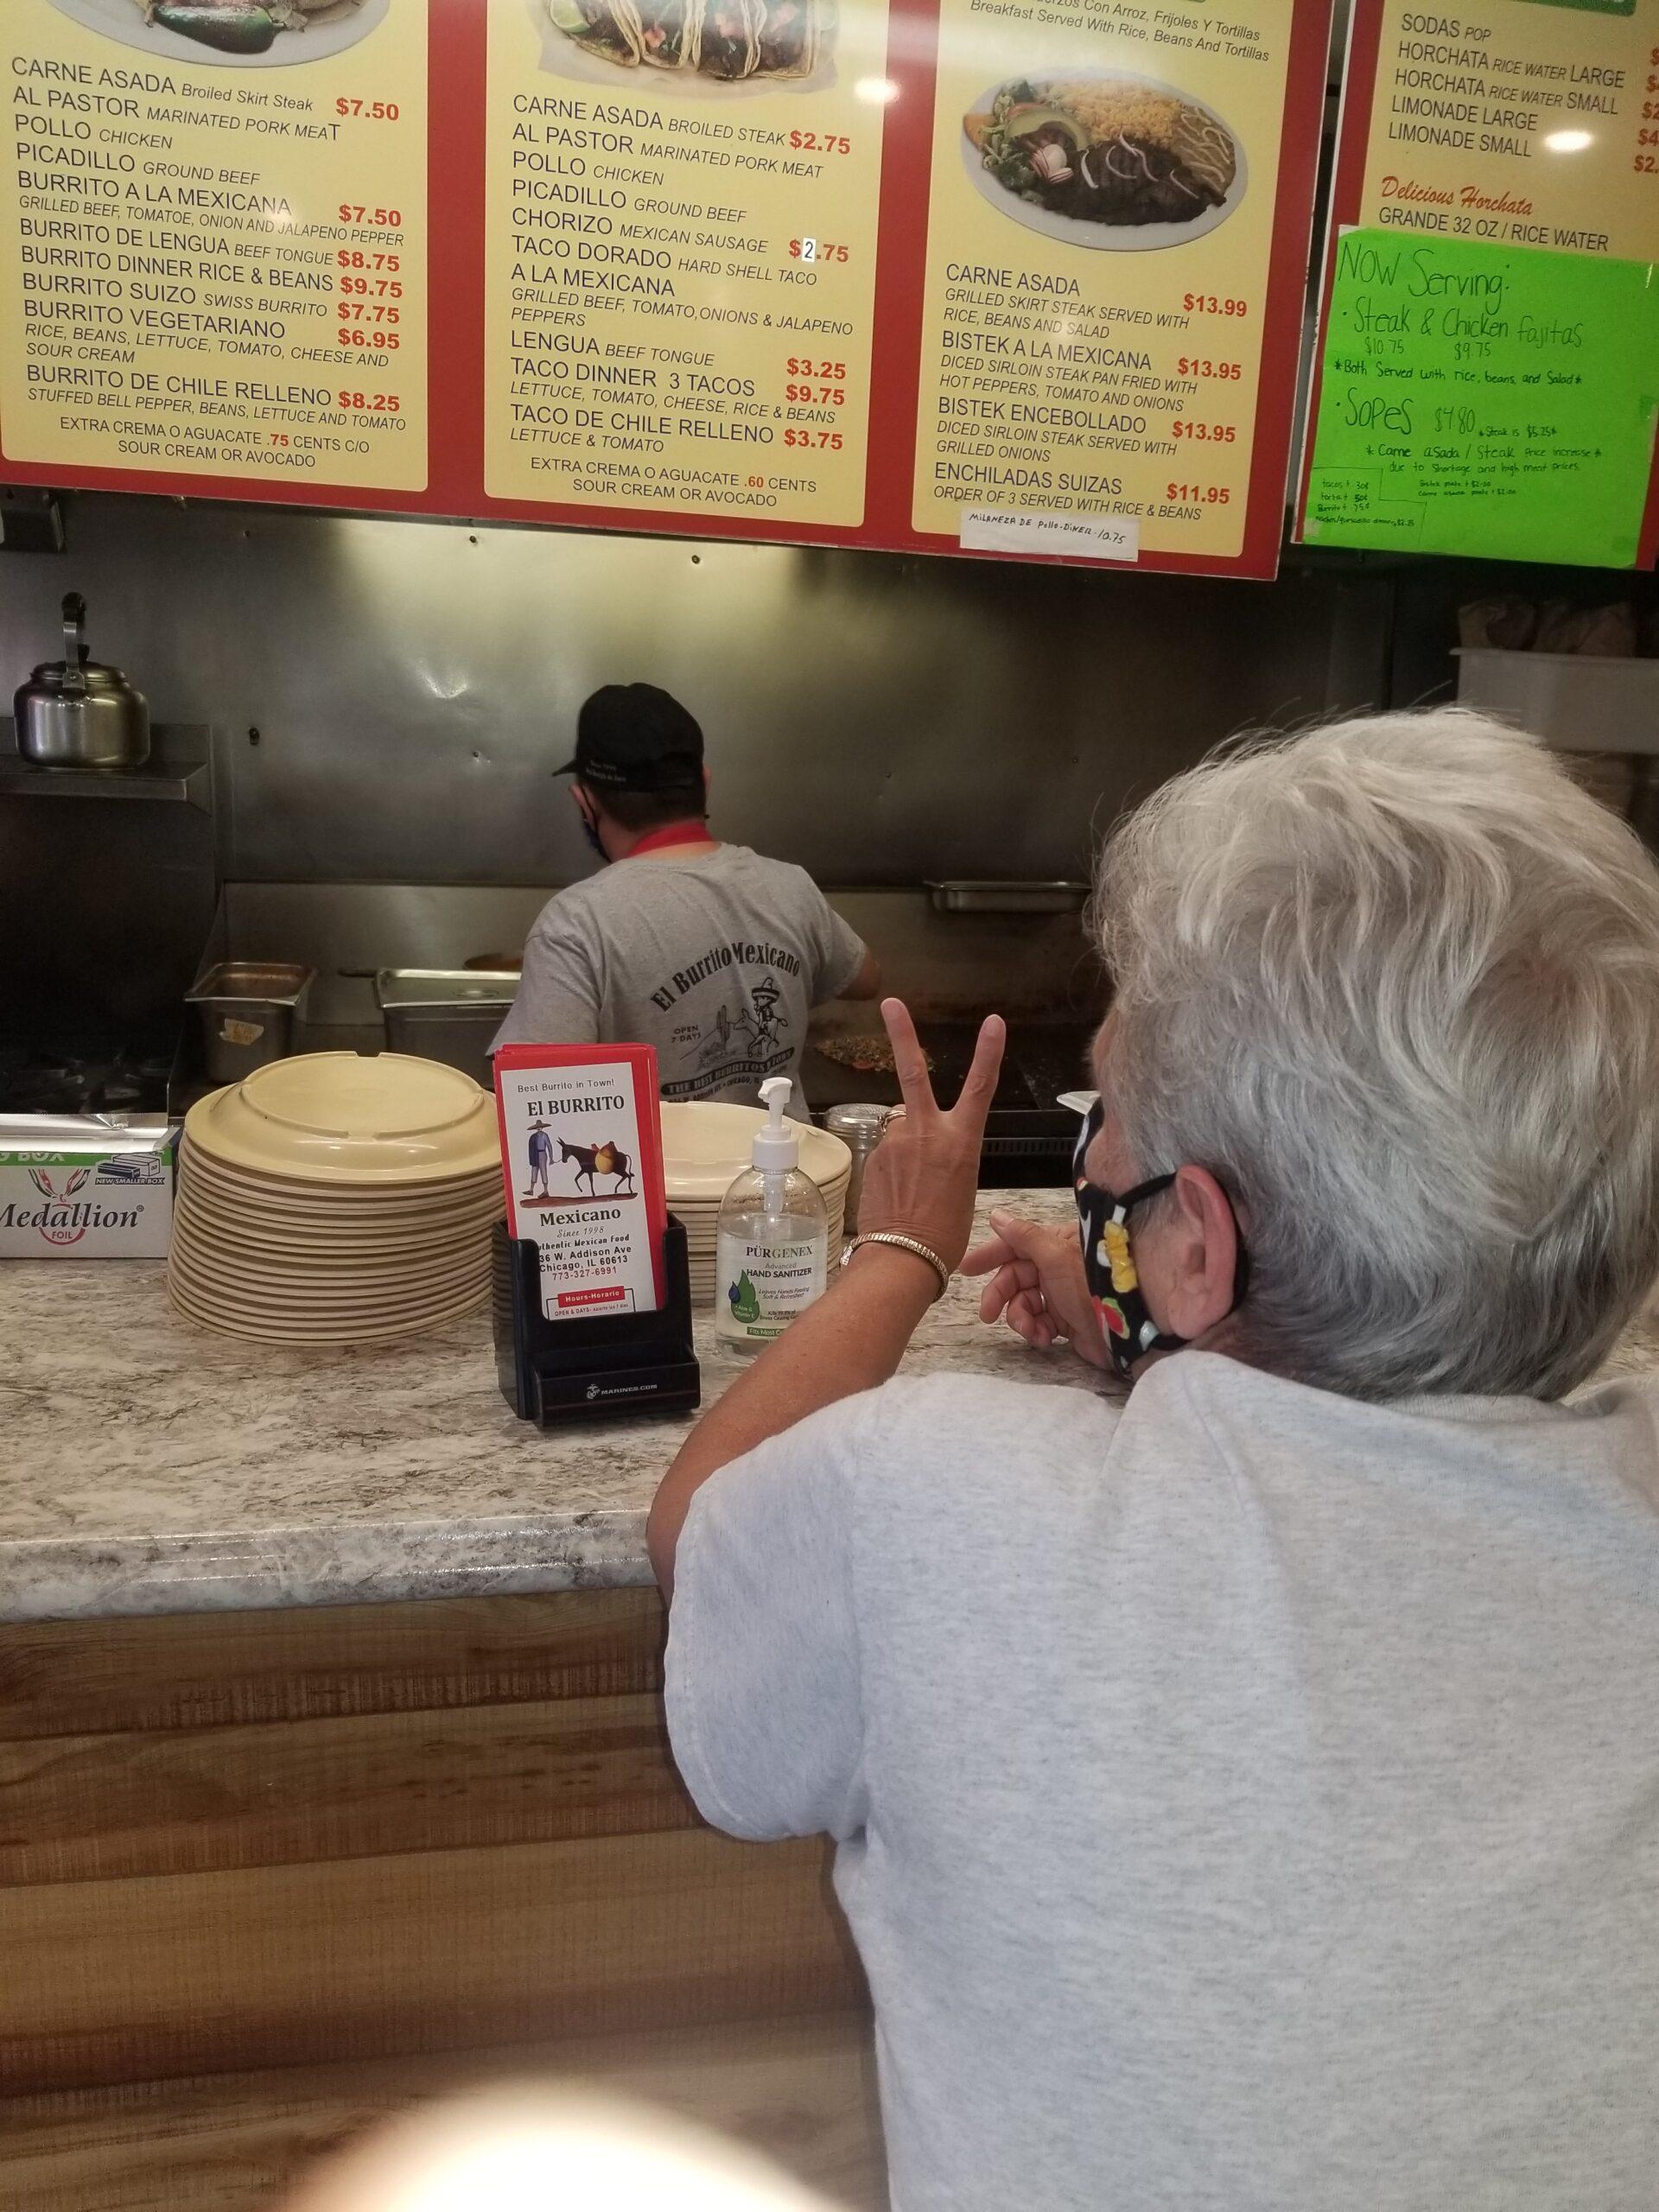 OrderingBurritos!